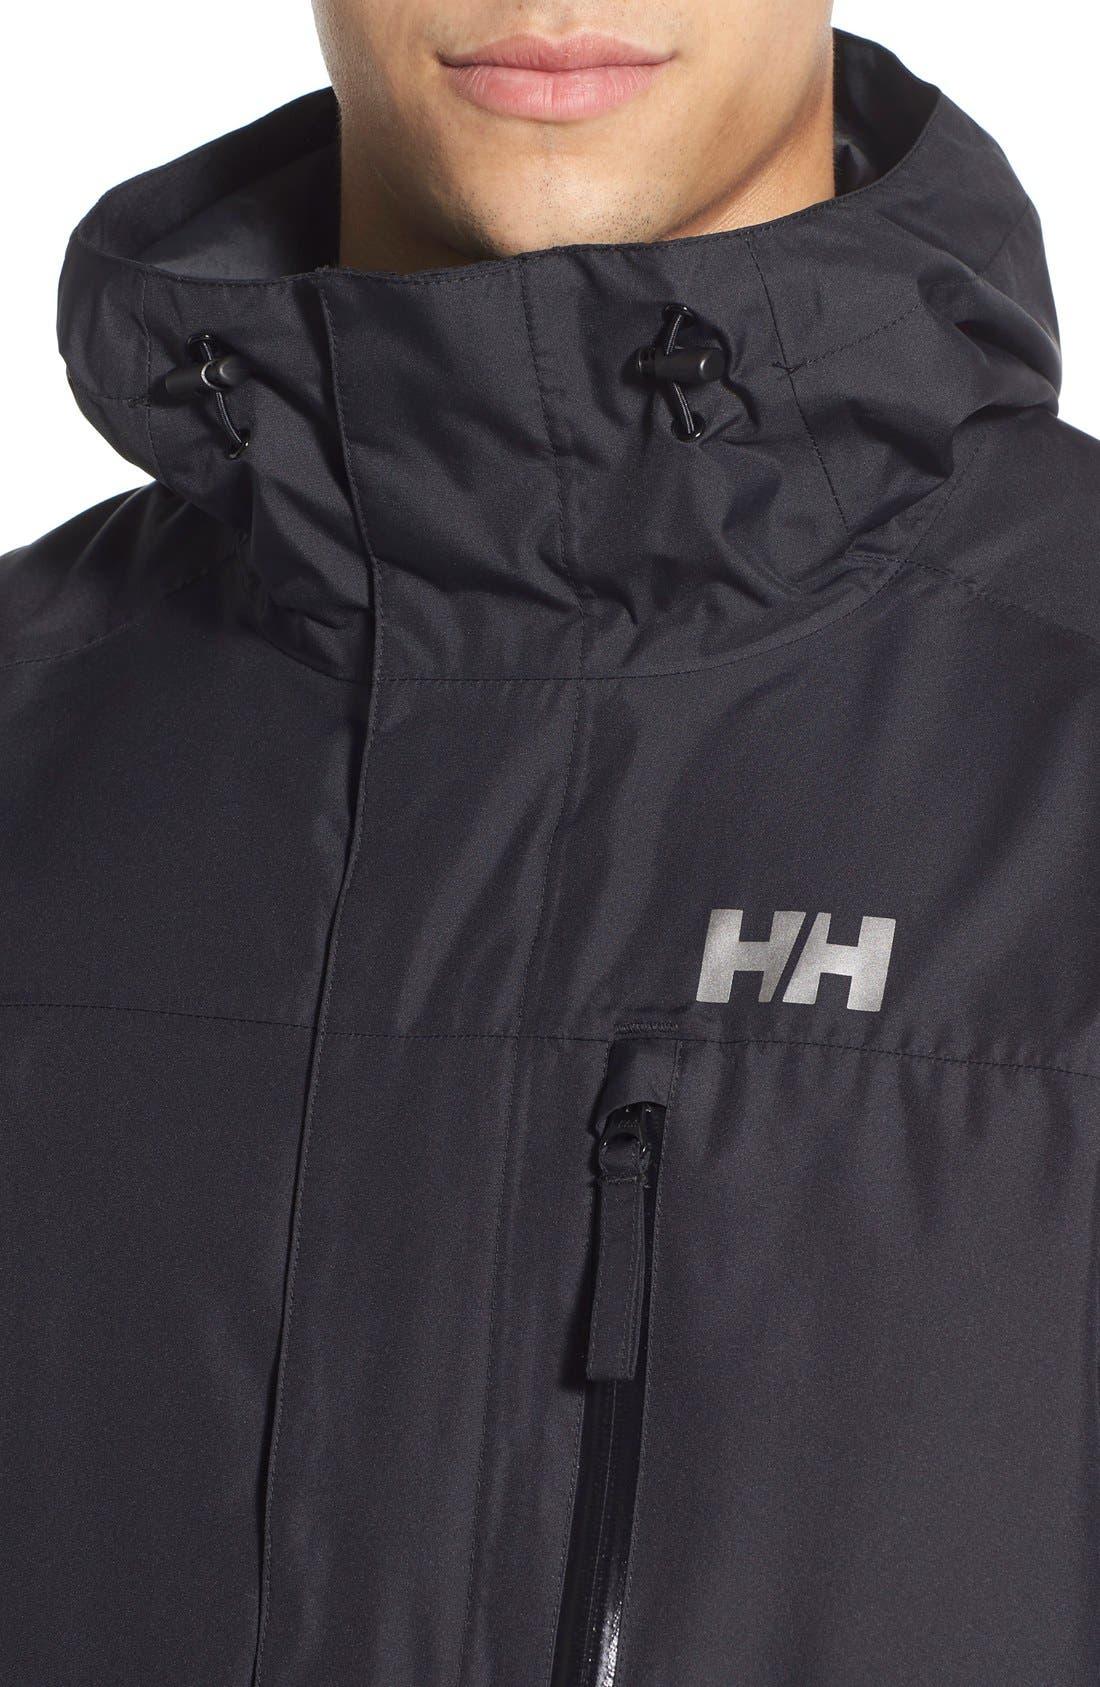 'Vancouver' Packable Rain Jacket,                             Alternate thumbnail 4, color,                             Black